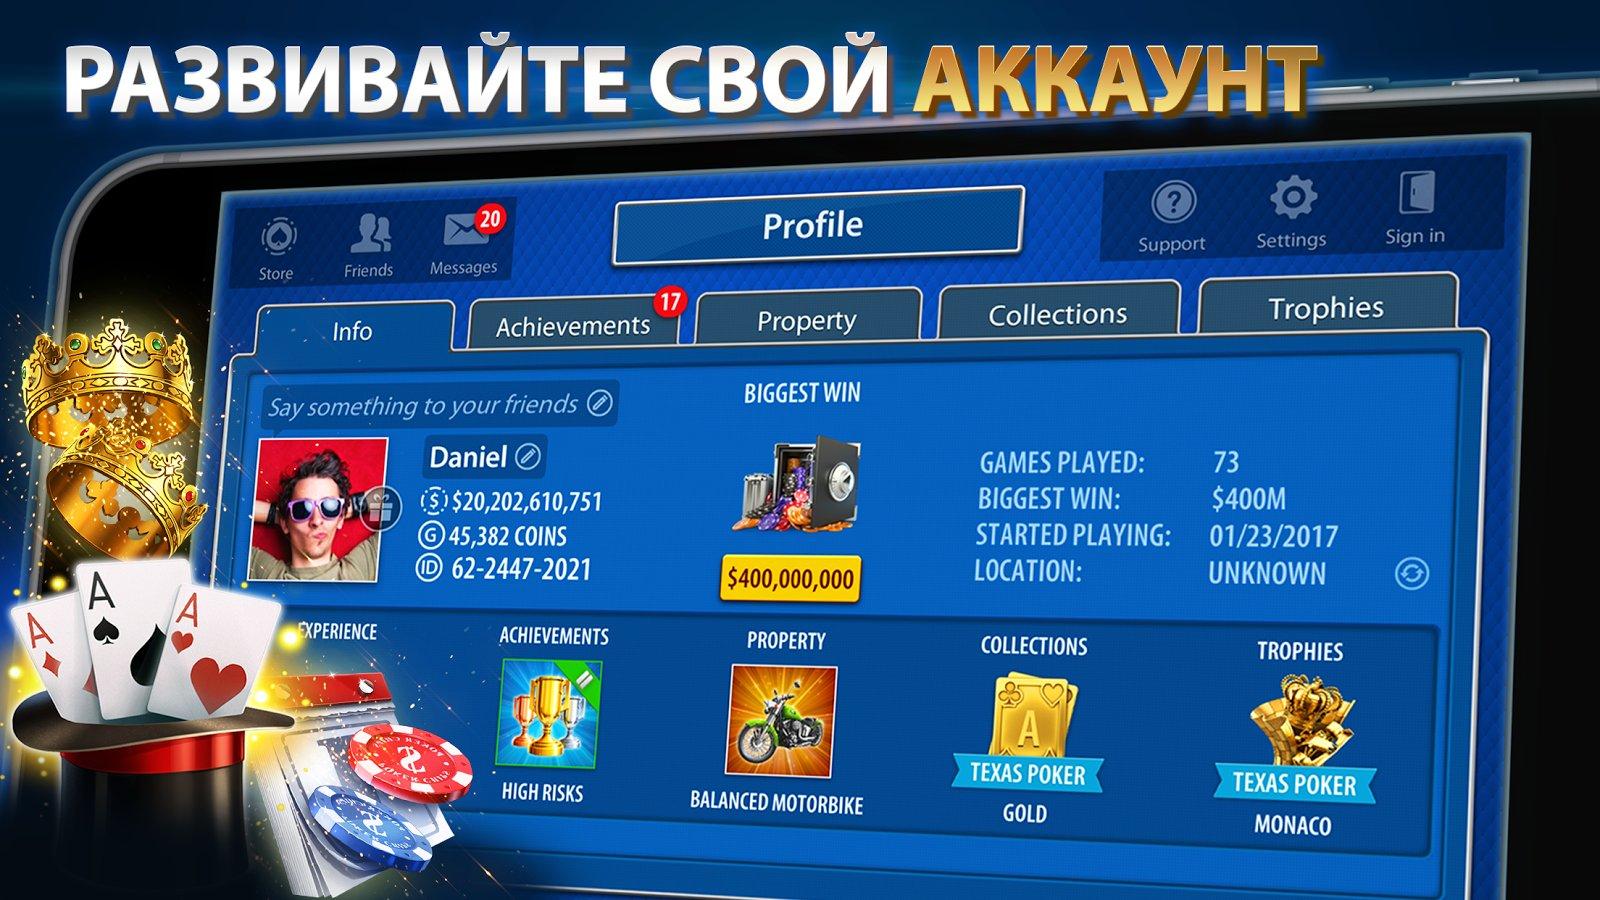 Е автоматы игровые играть бесплатно